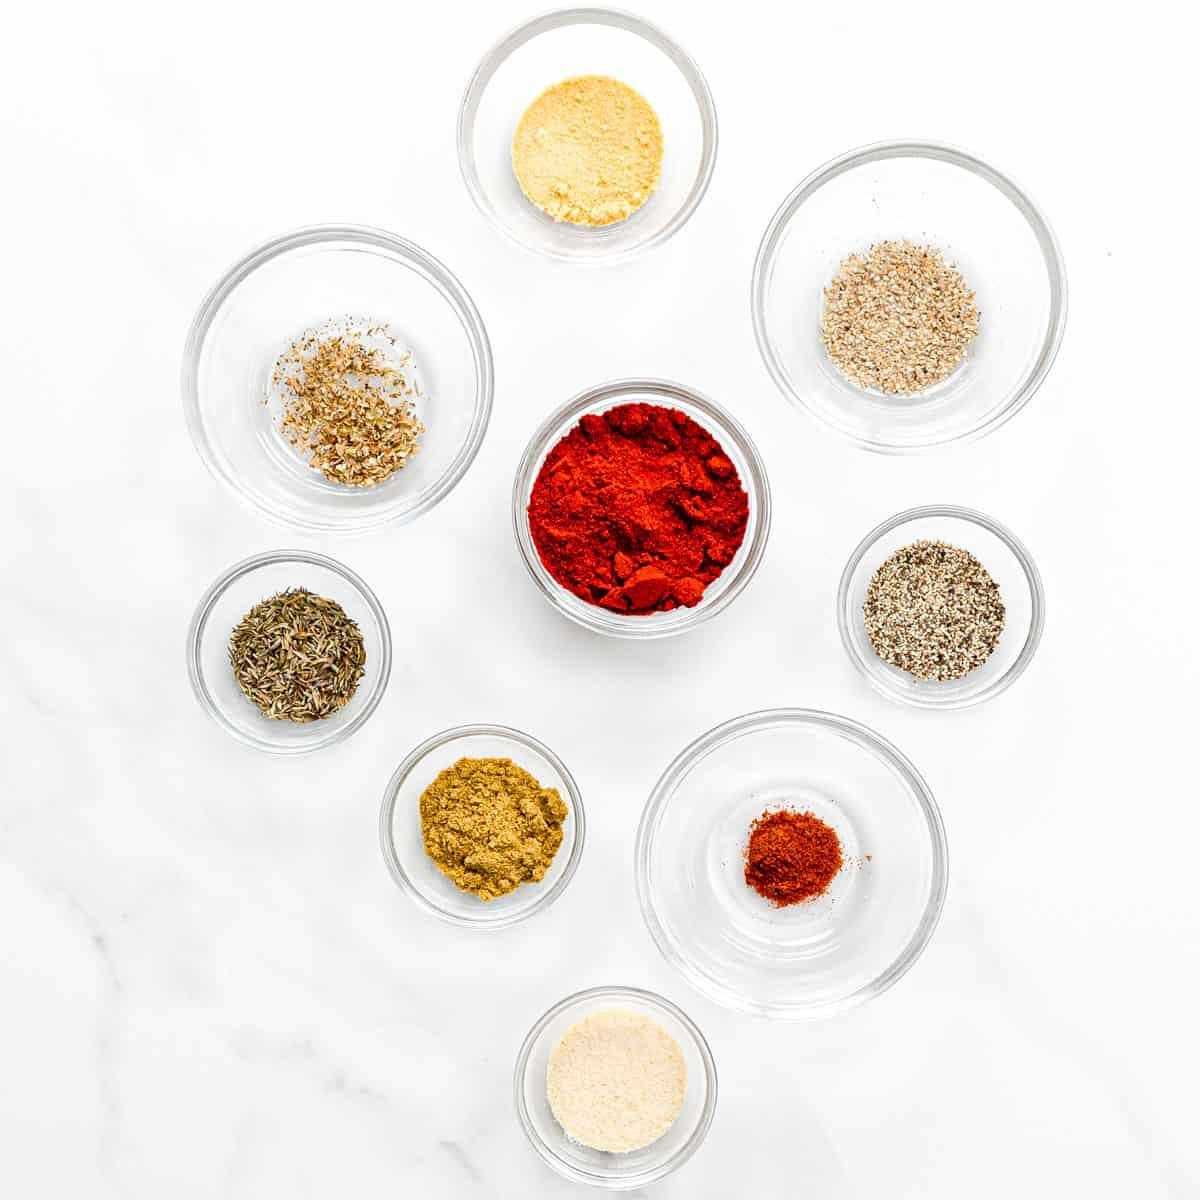 Ingredients for Blackening Seasoning.